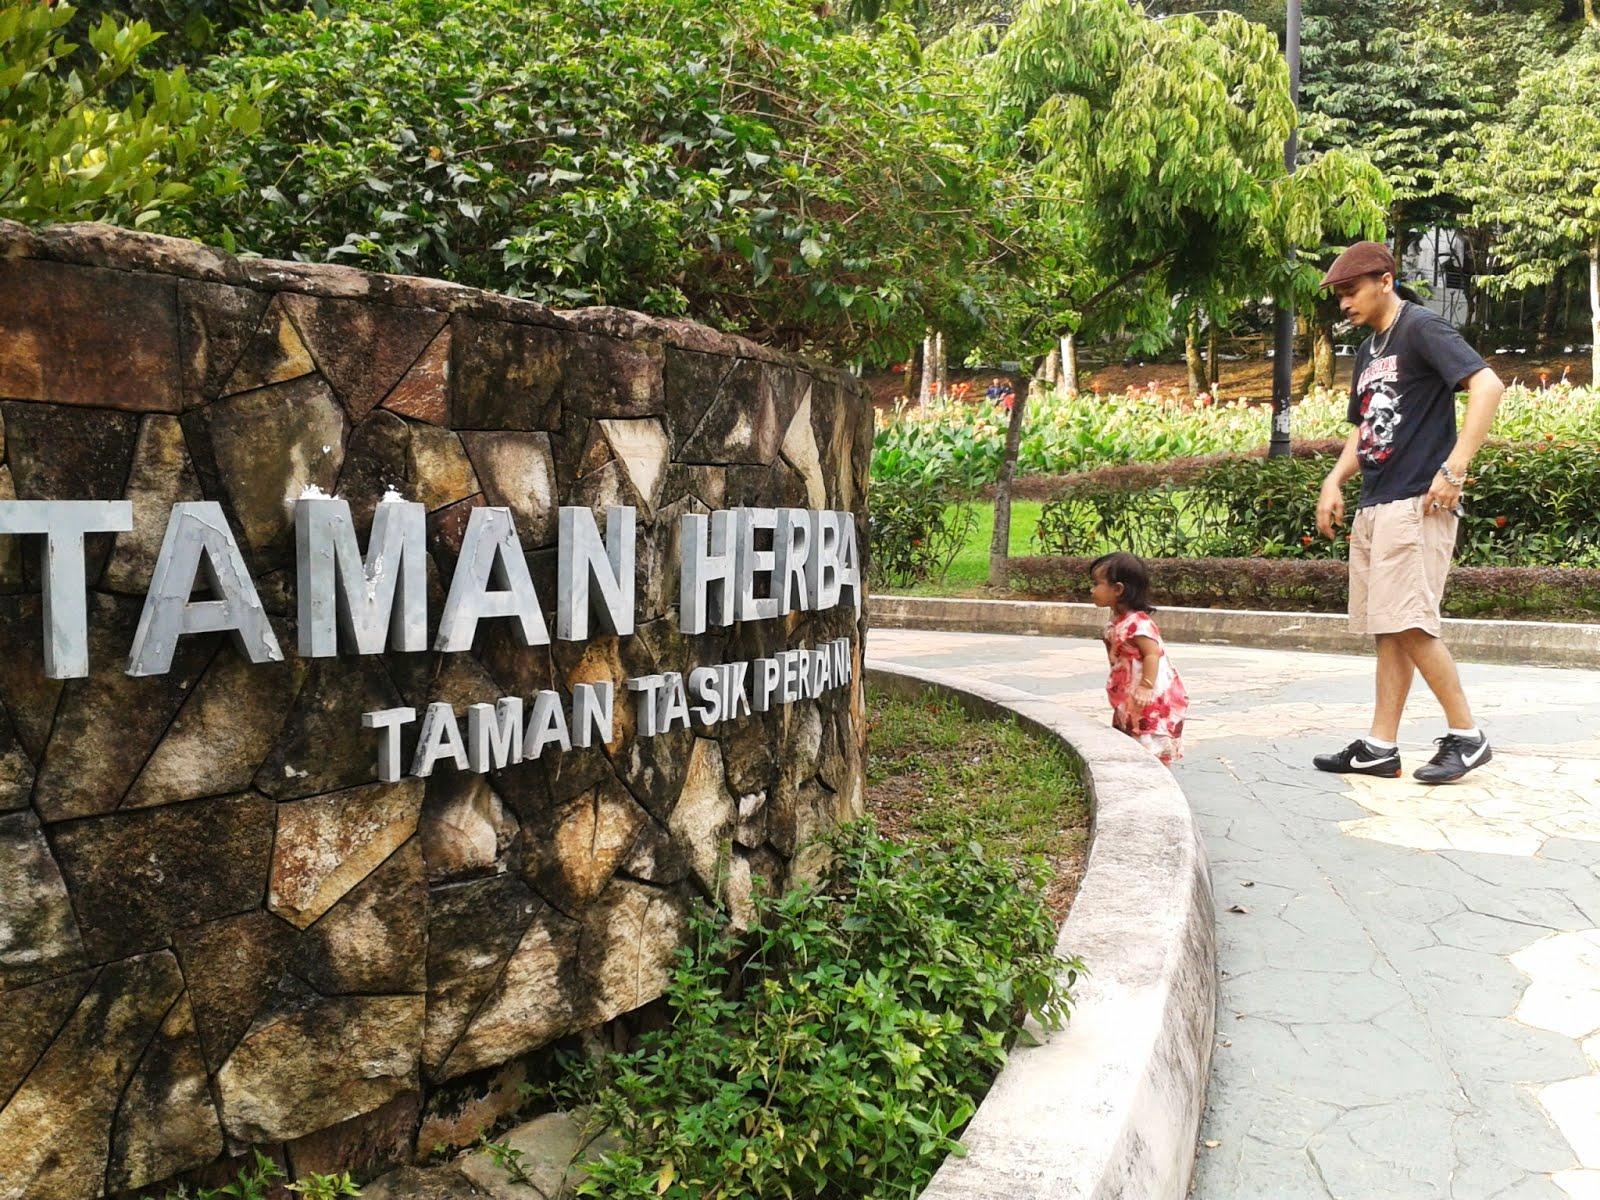 foto zaza: Taman Herba Taman Tasik Perdana